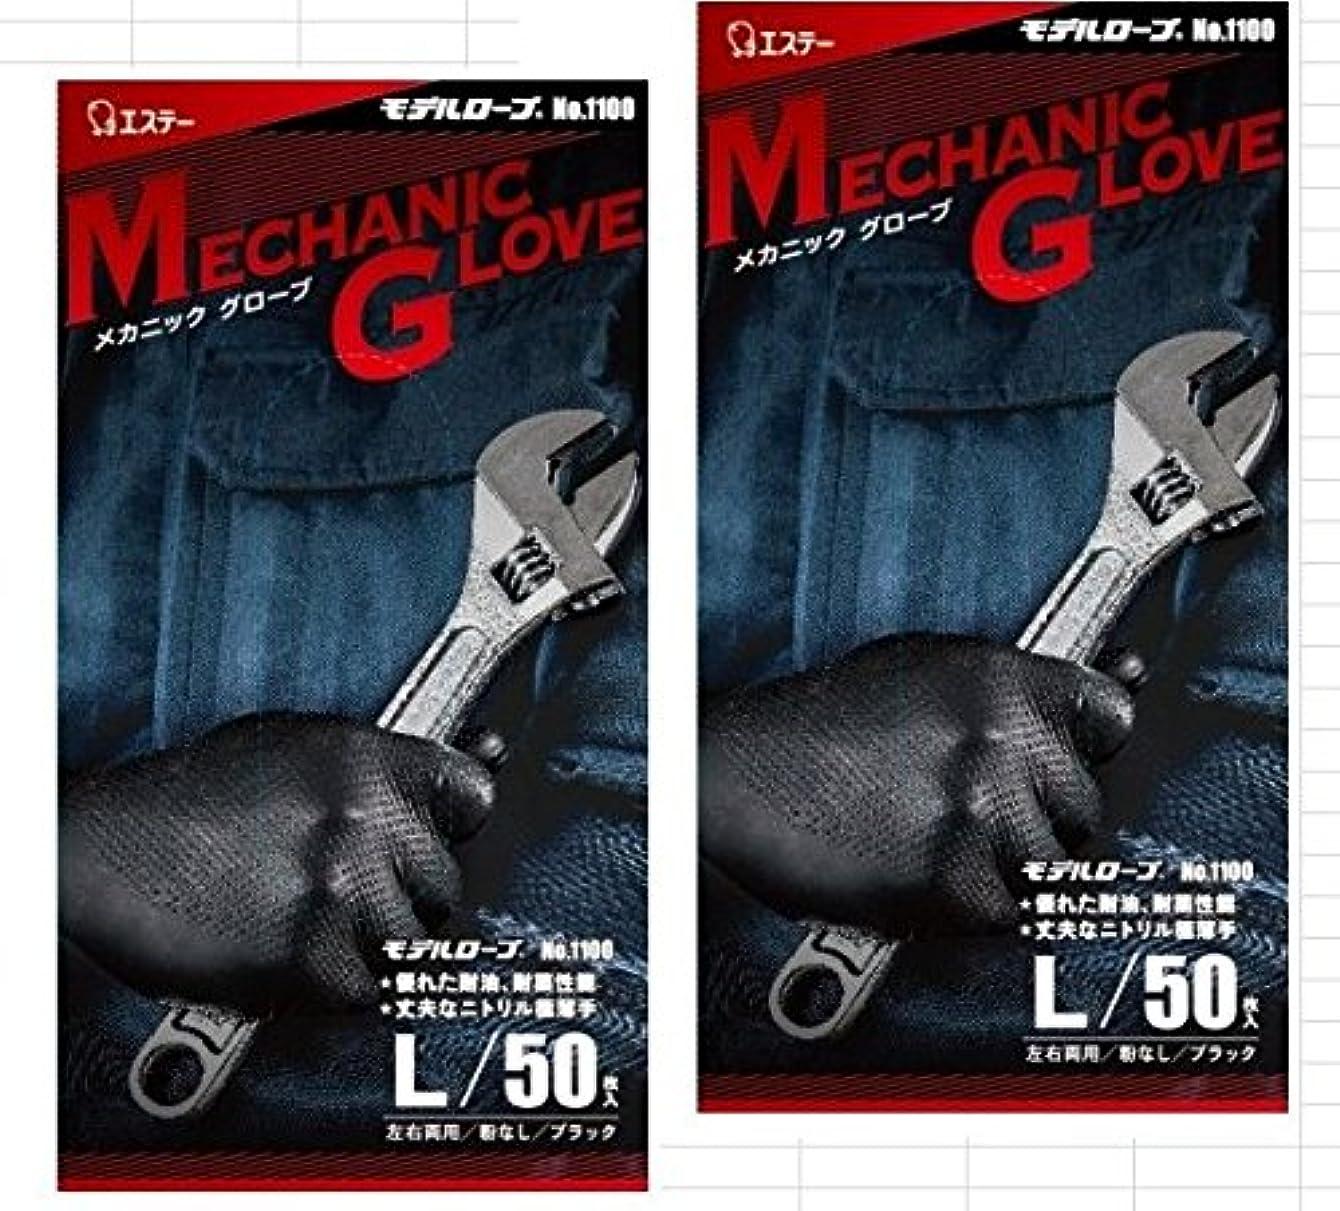 【2組】モデルローブ No.1100 メカニックグローブ Lサイズ ブラック 50枚 …